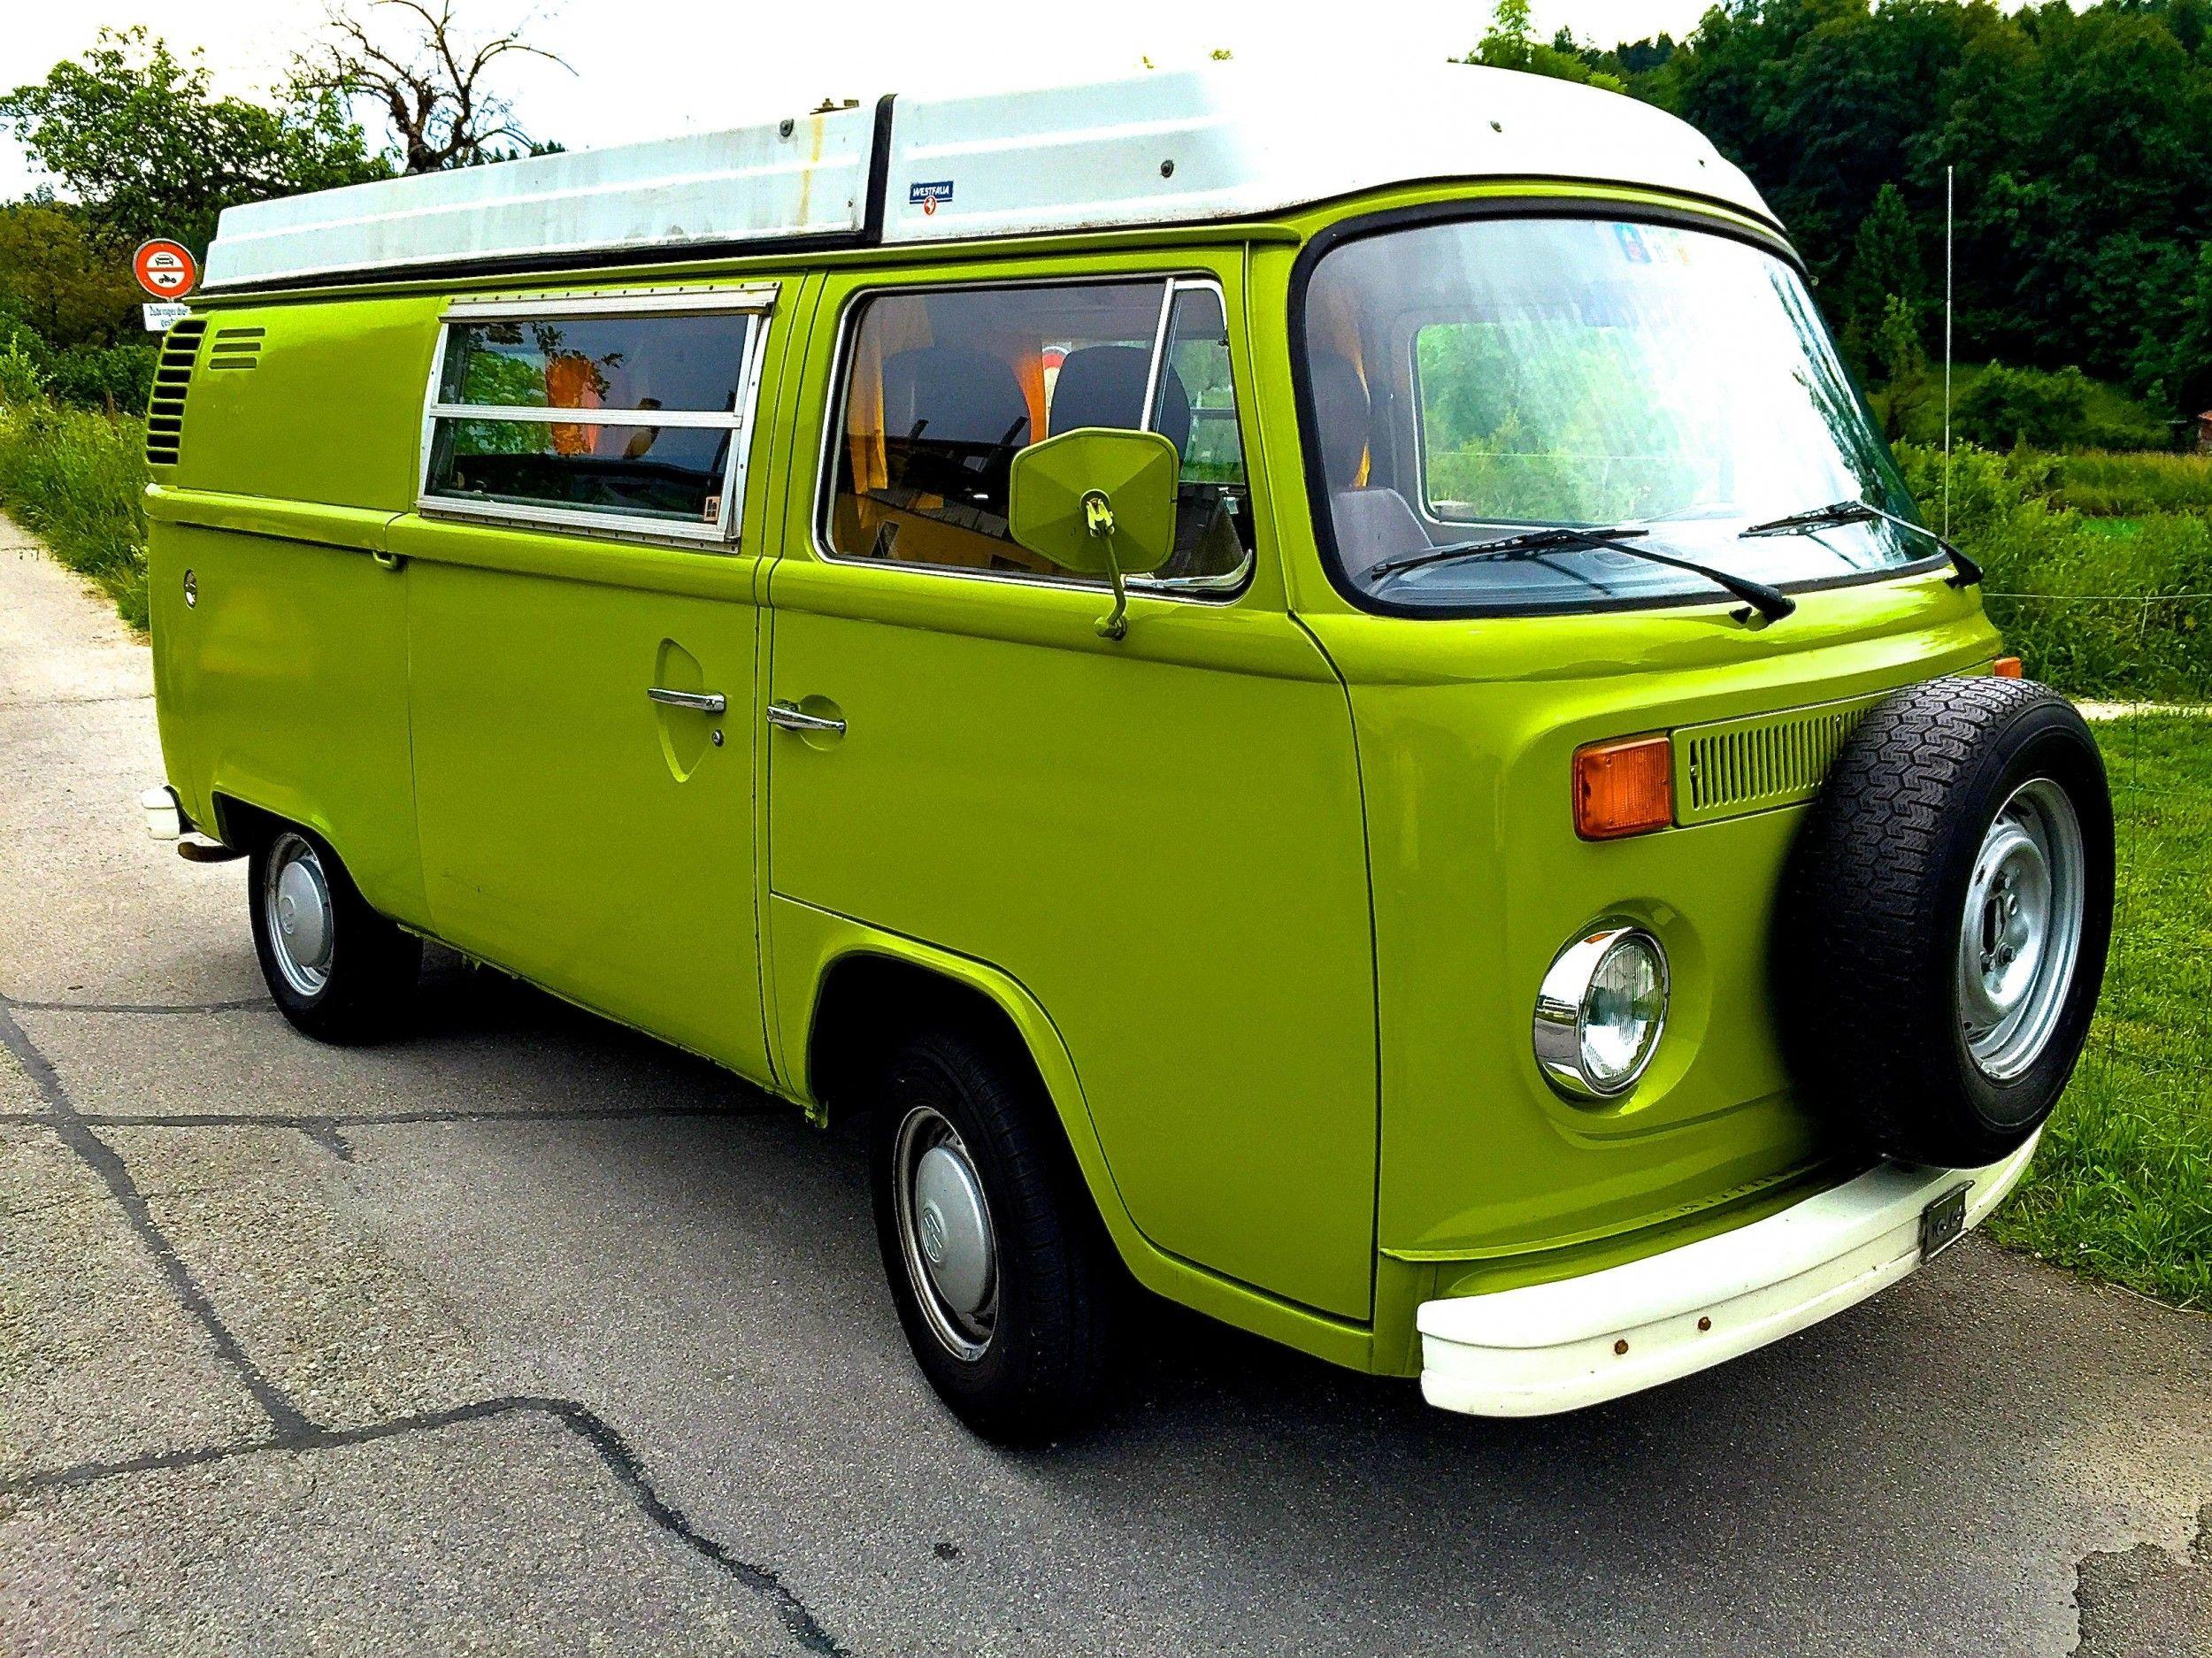 mycamper camper mieten und vermieten vw bus t2 camper campingbus camper mieten und vw bus. Black Bedroom Furniture Sets. Home Design Ideas